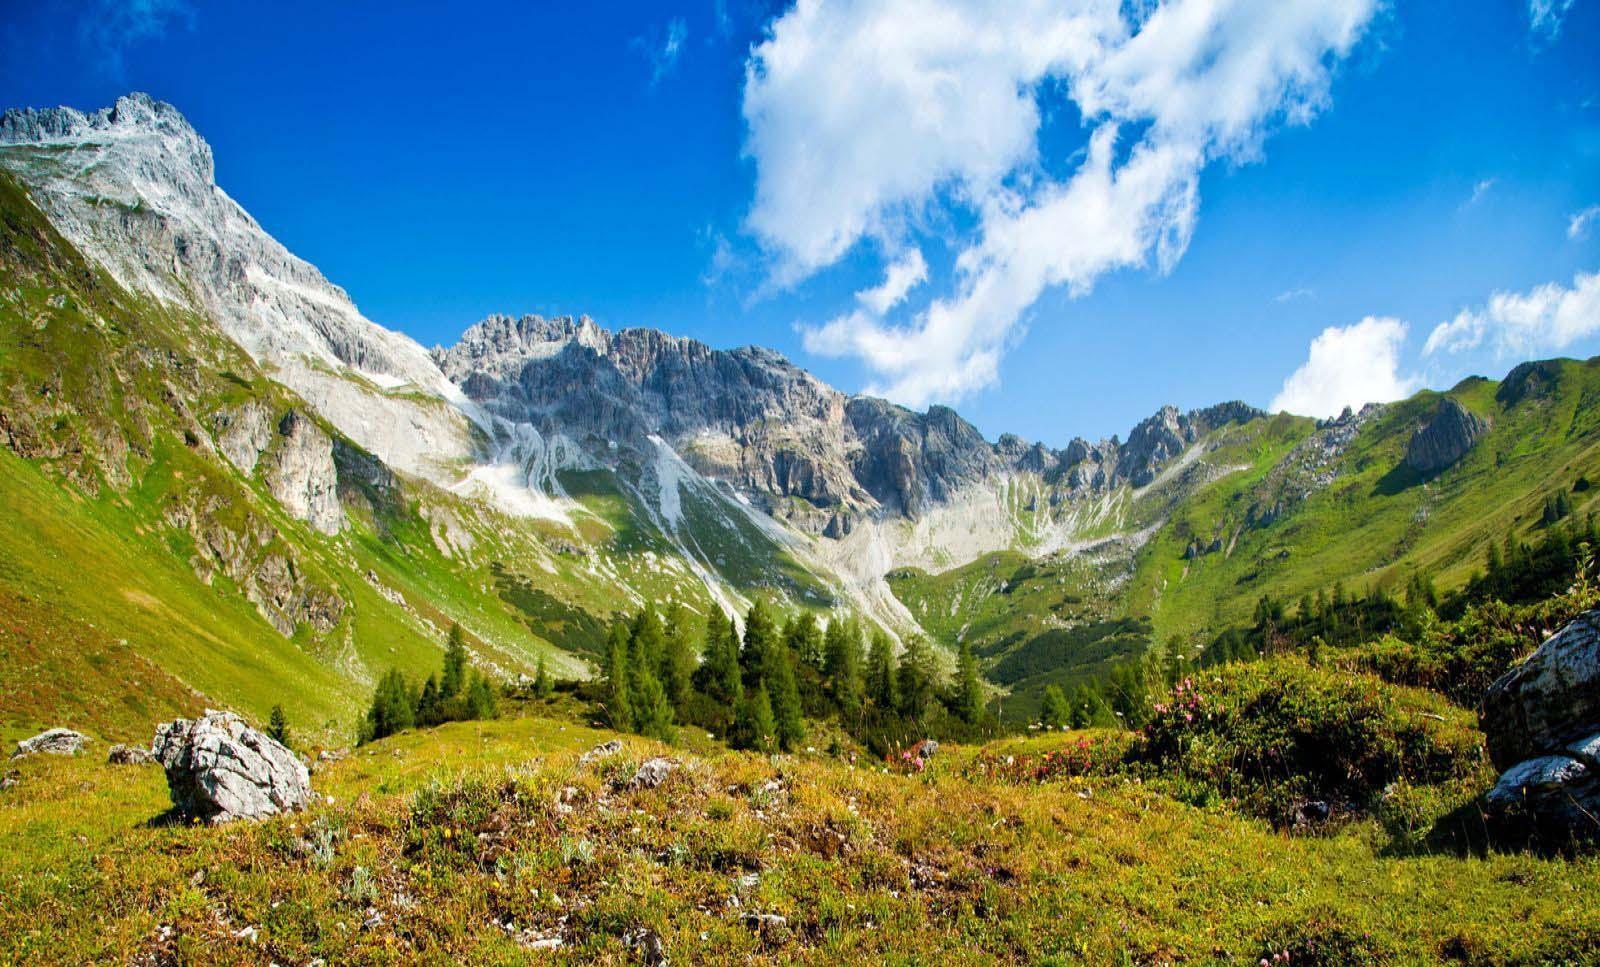 Hình ảnh đẹp núi và thung lũng